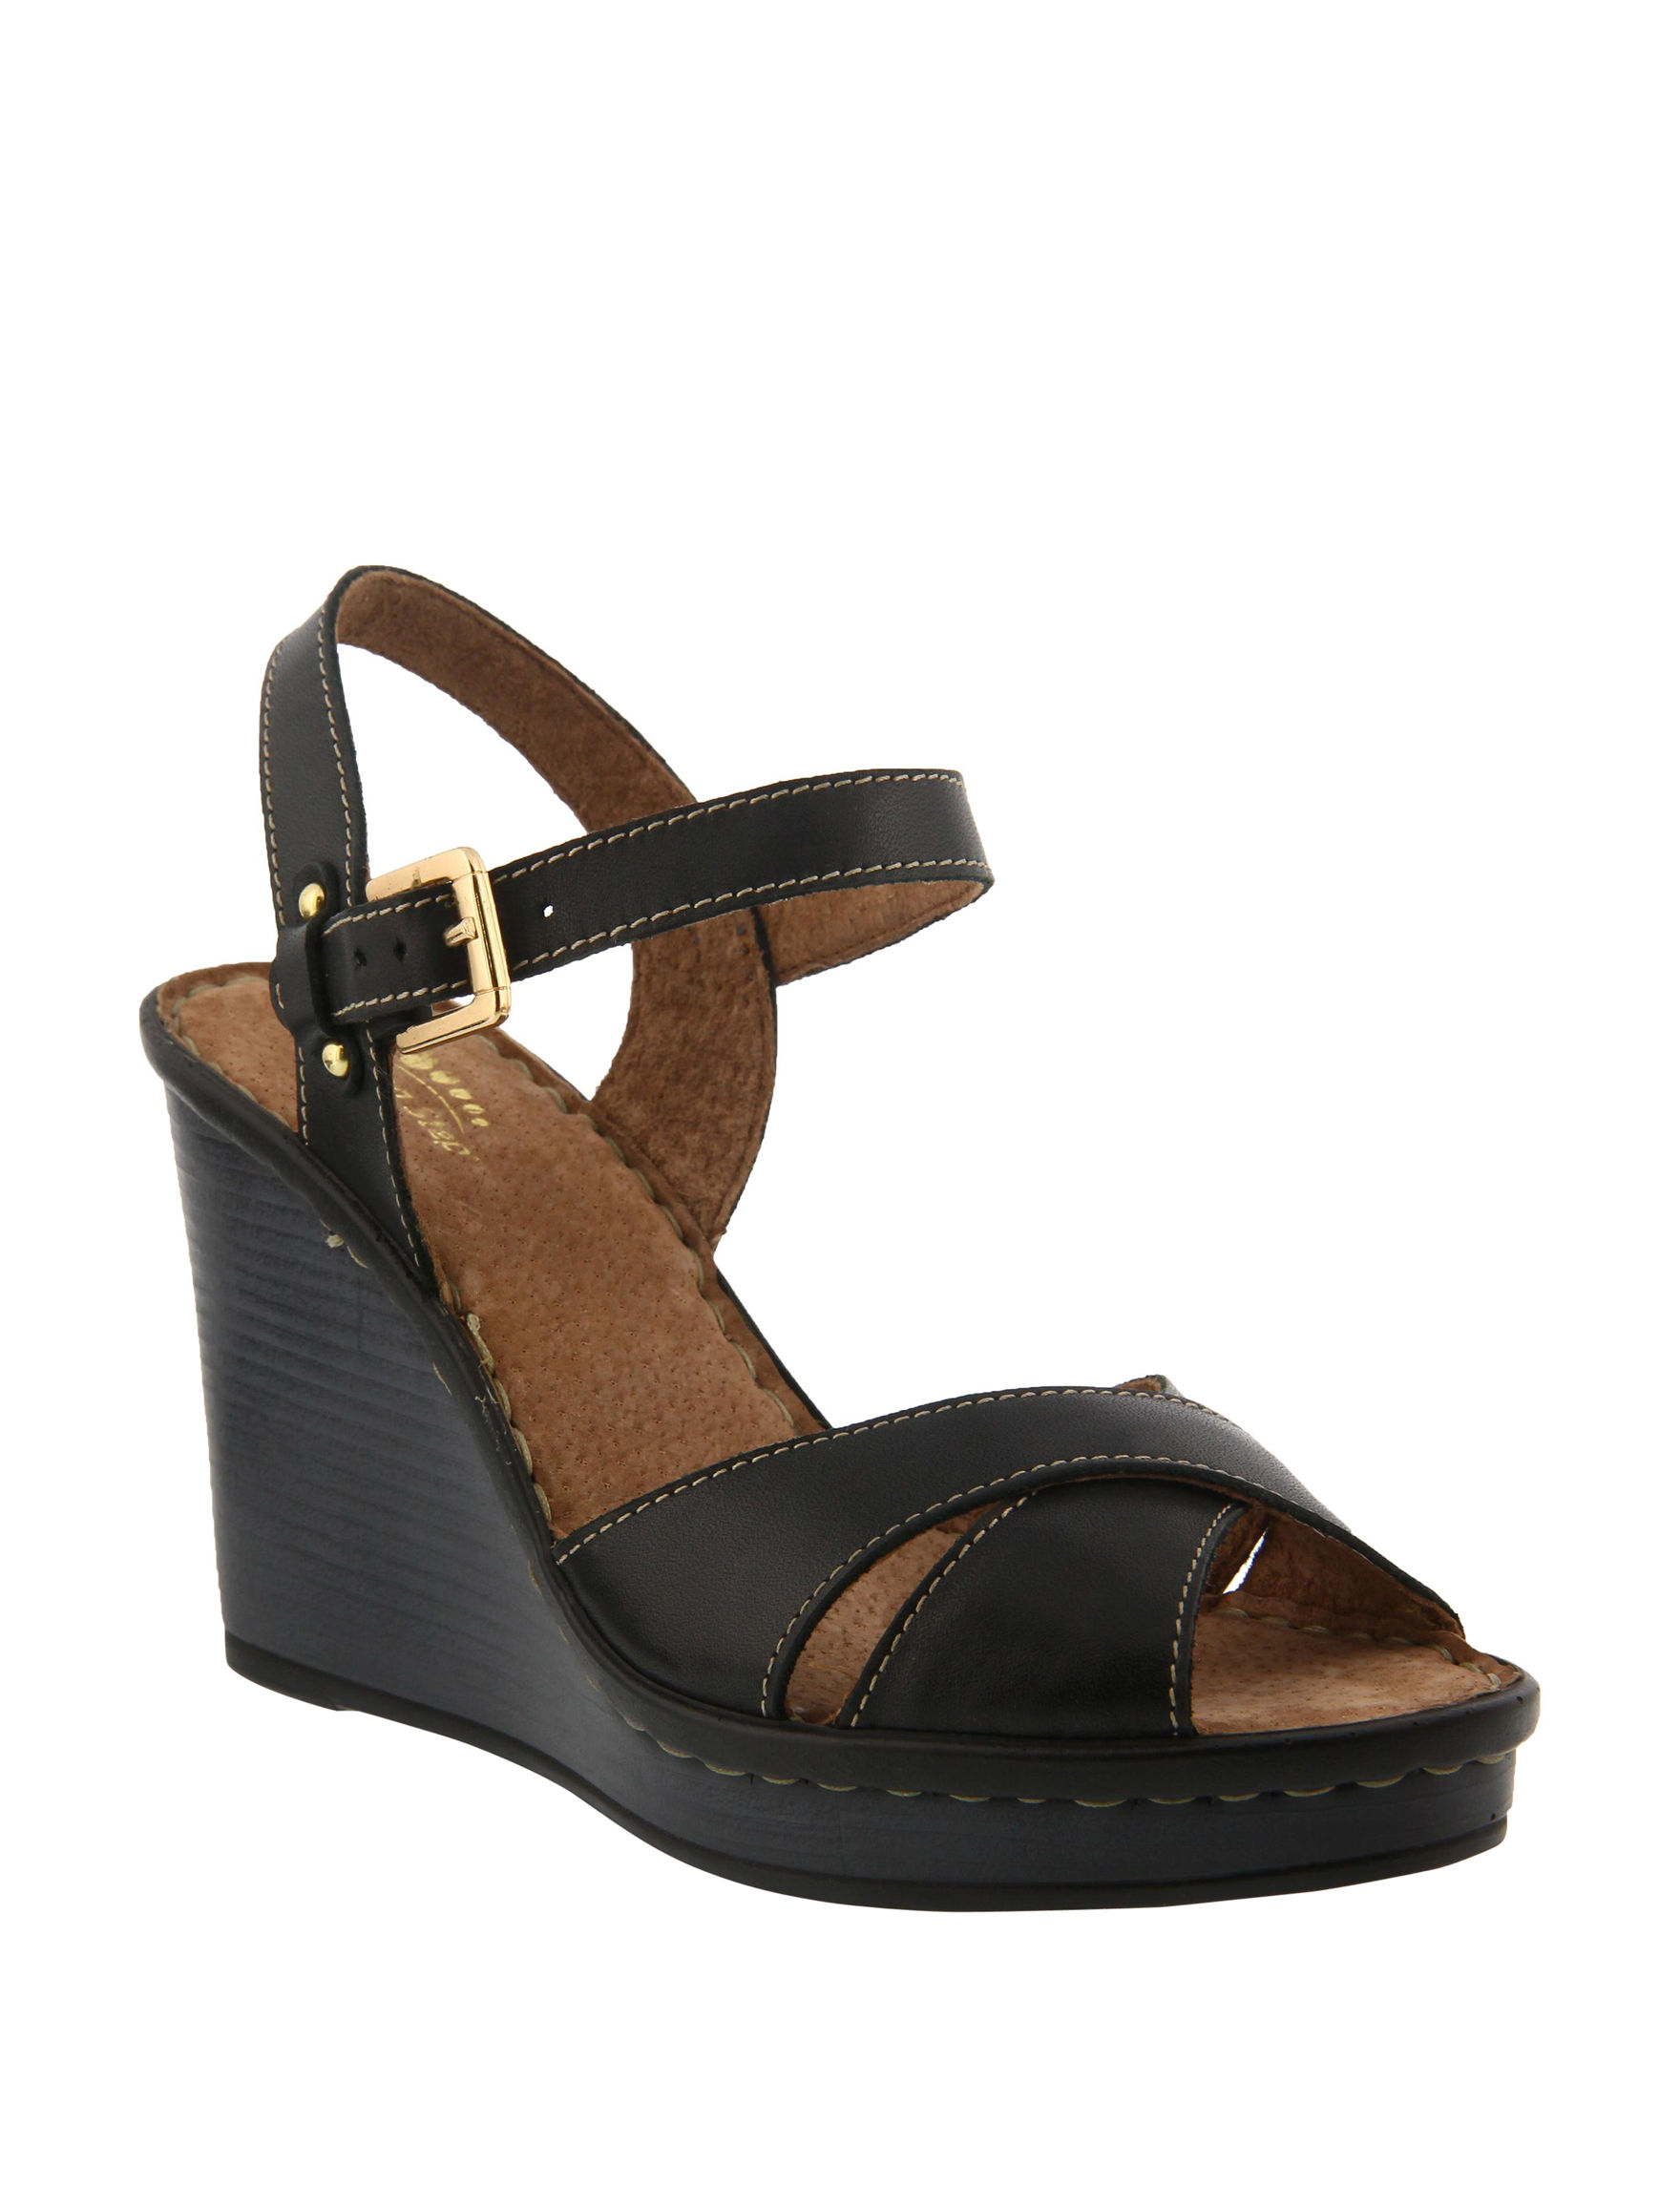 Spring Step Black Platform Wedge Sandals